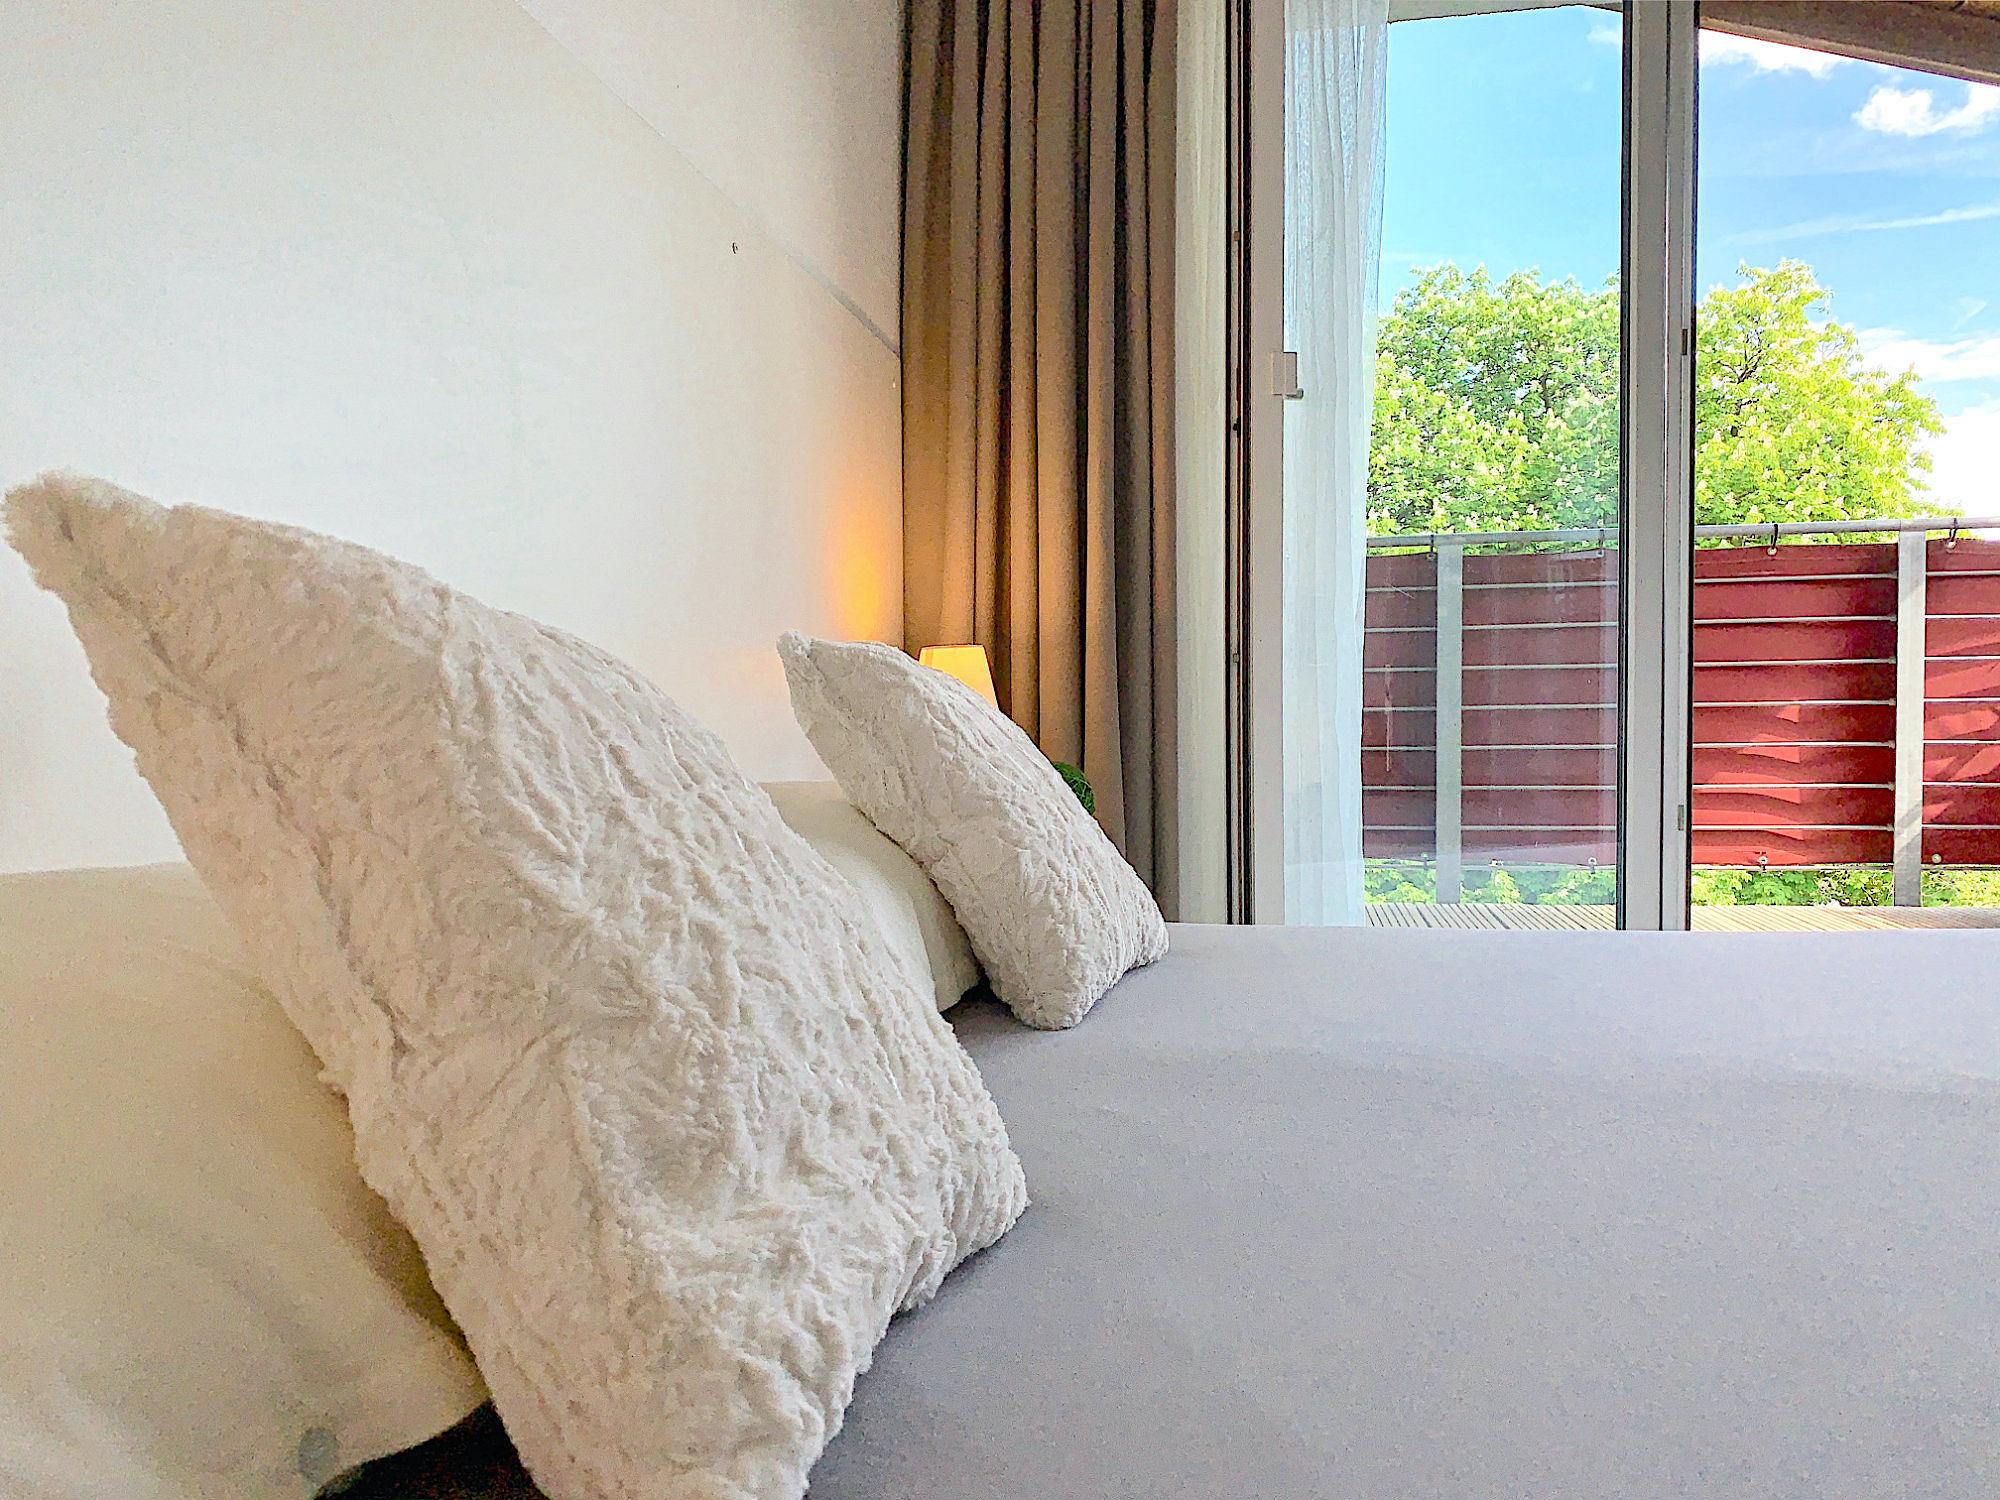 Schlafzimmer mit Doppelbett, Kopfteil mit Kopfkissen, dahinter bodentiefe Fenster mit Balkon